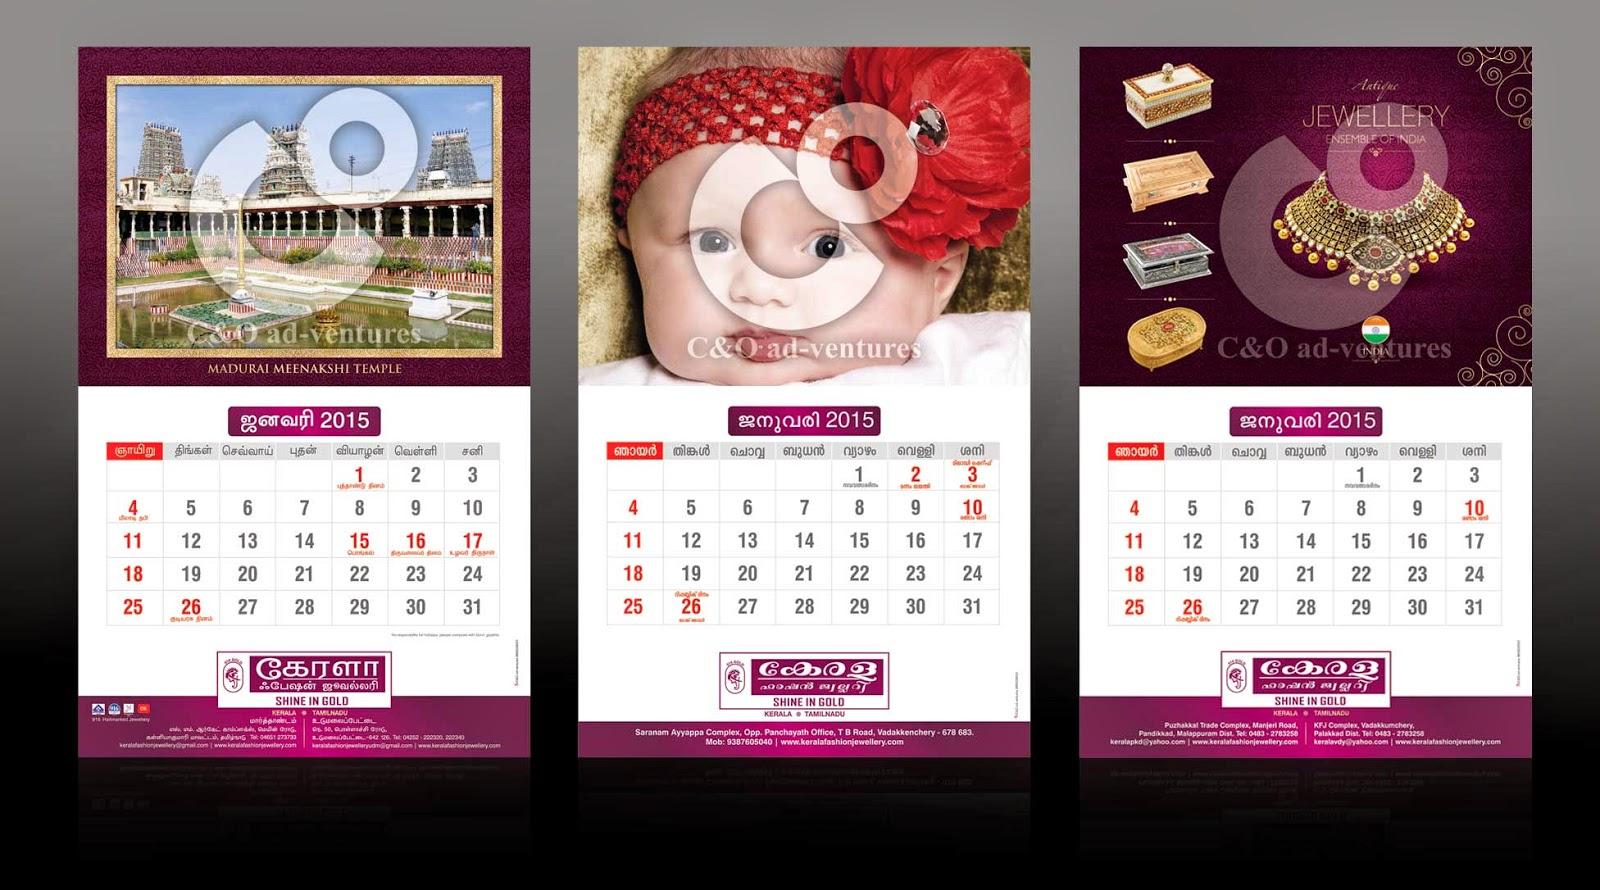 Jewellery Calendar Design : C o ad ventures december